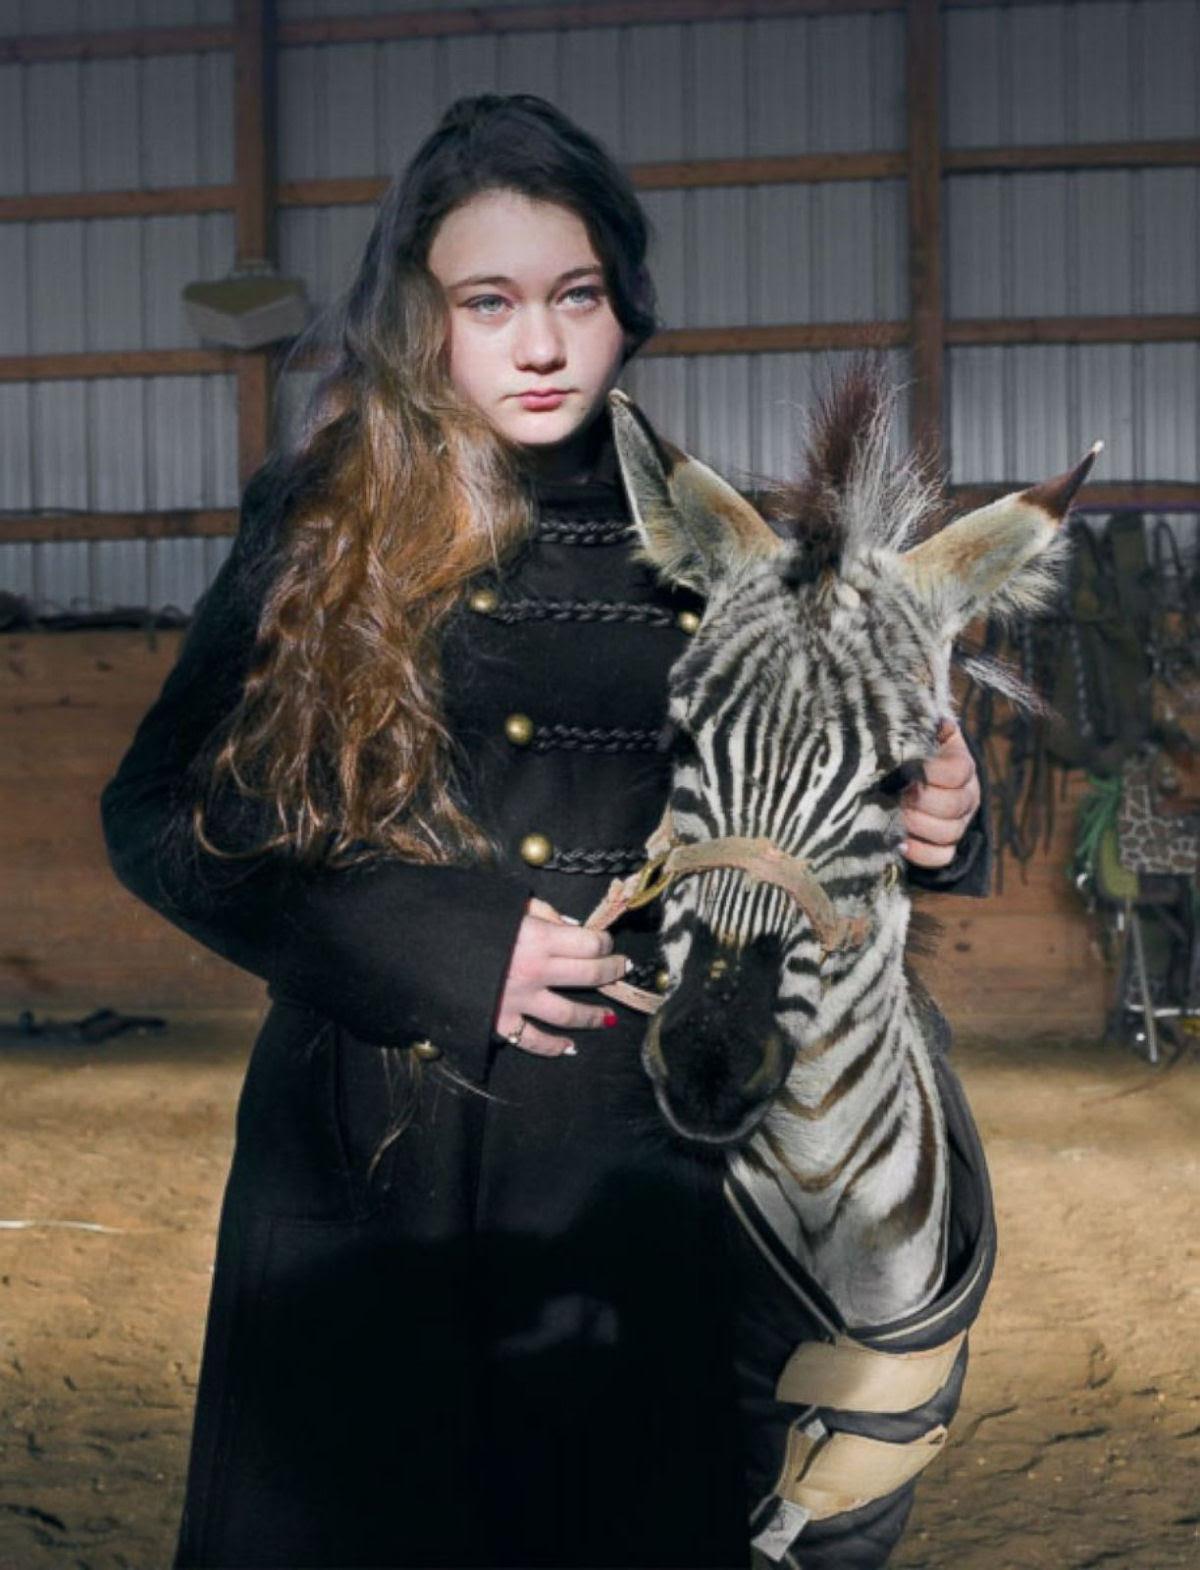 O Mundo de Amelia - A menina que cresceu com os animais e os considera seus irmãos 26